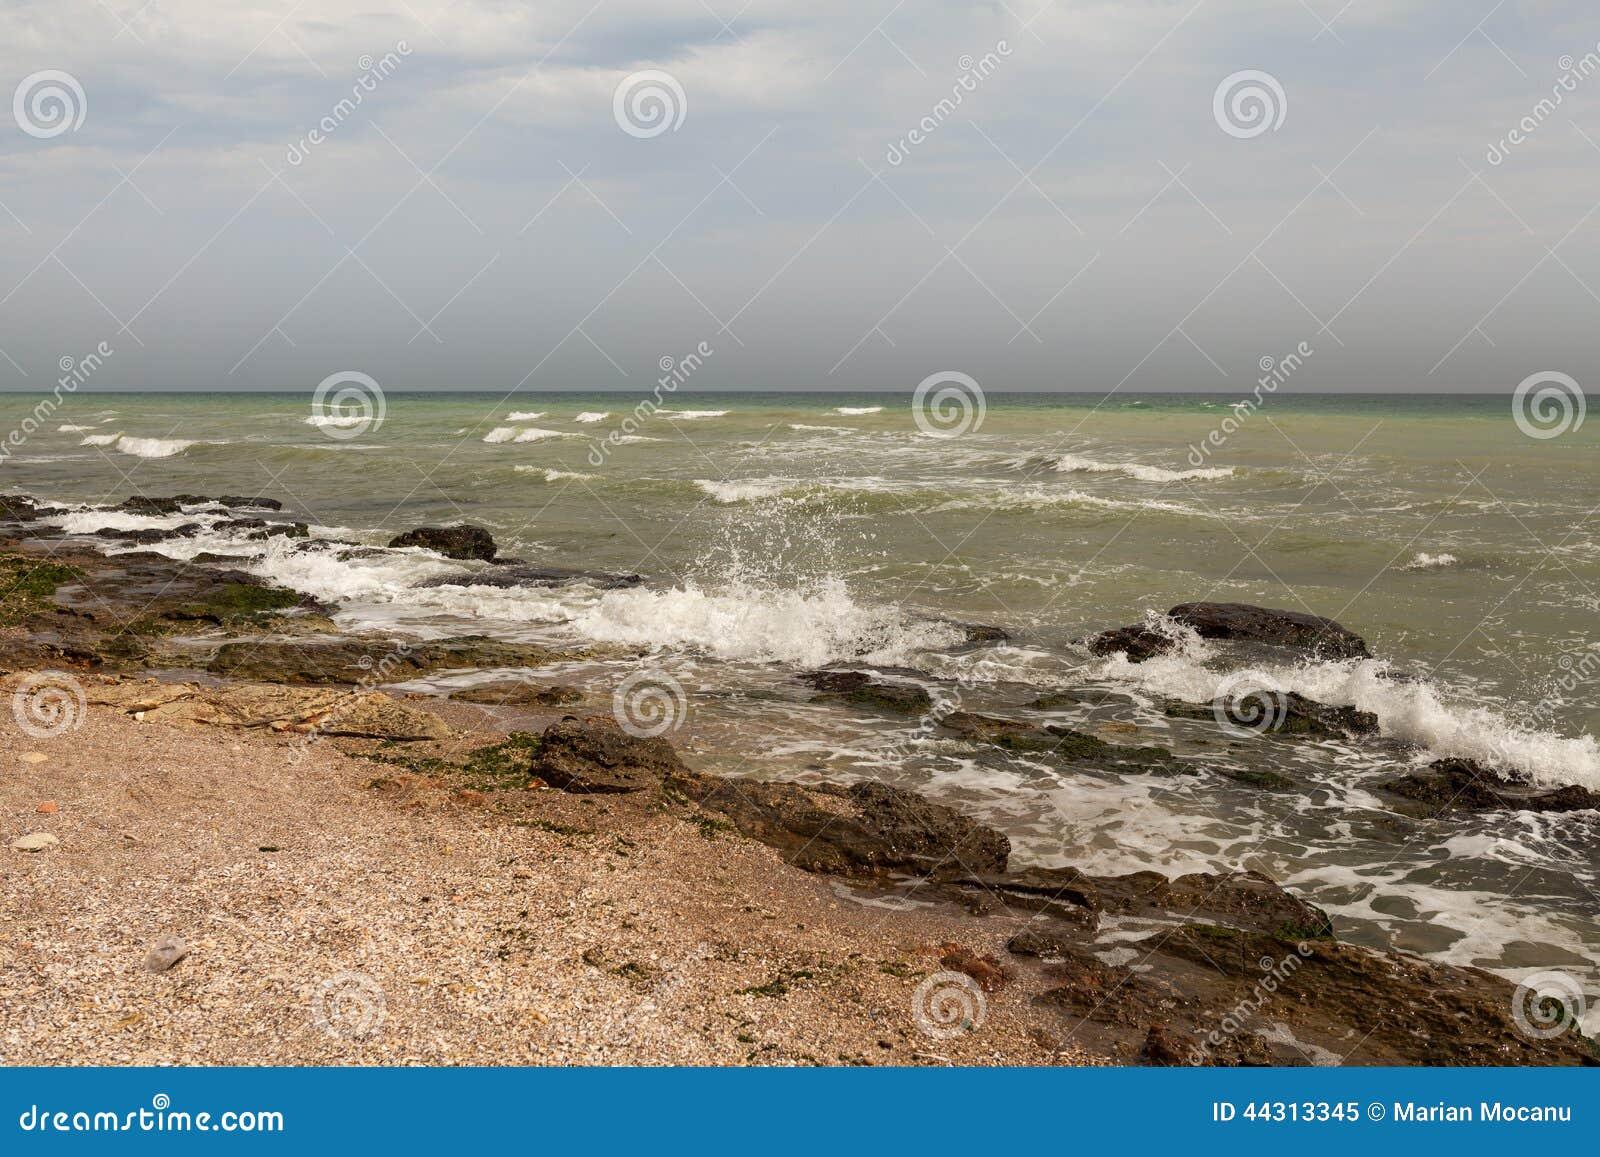 Dirty sea water full of seaweed